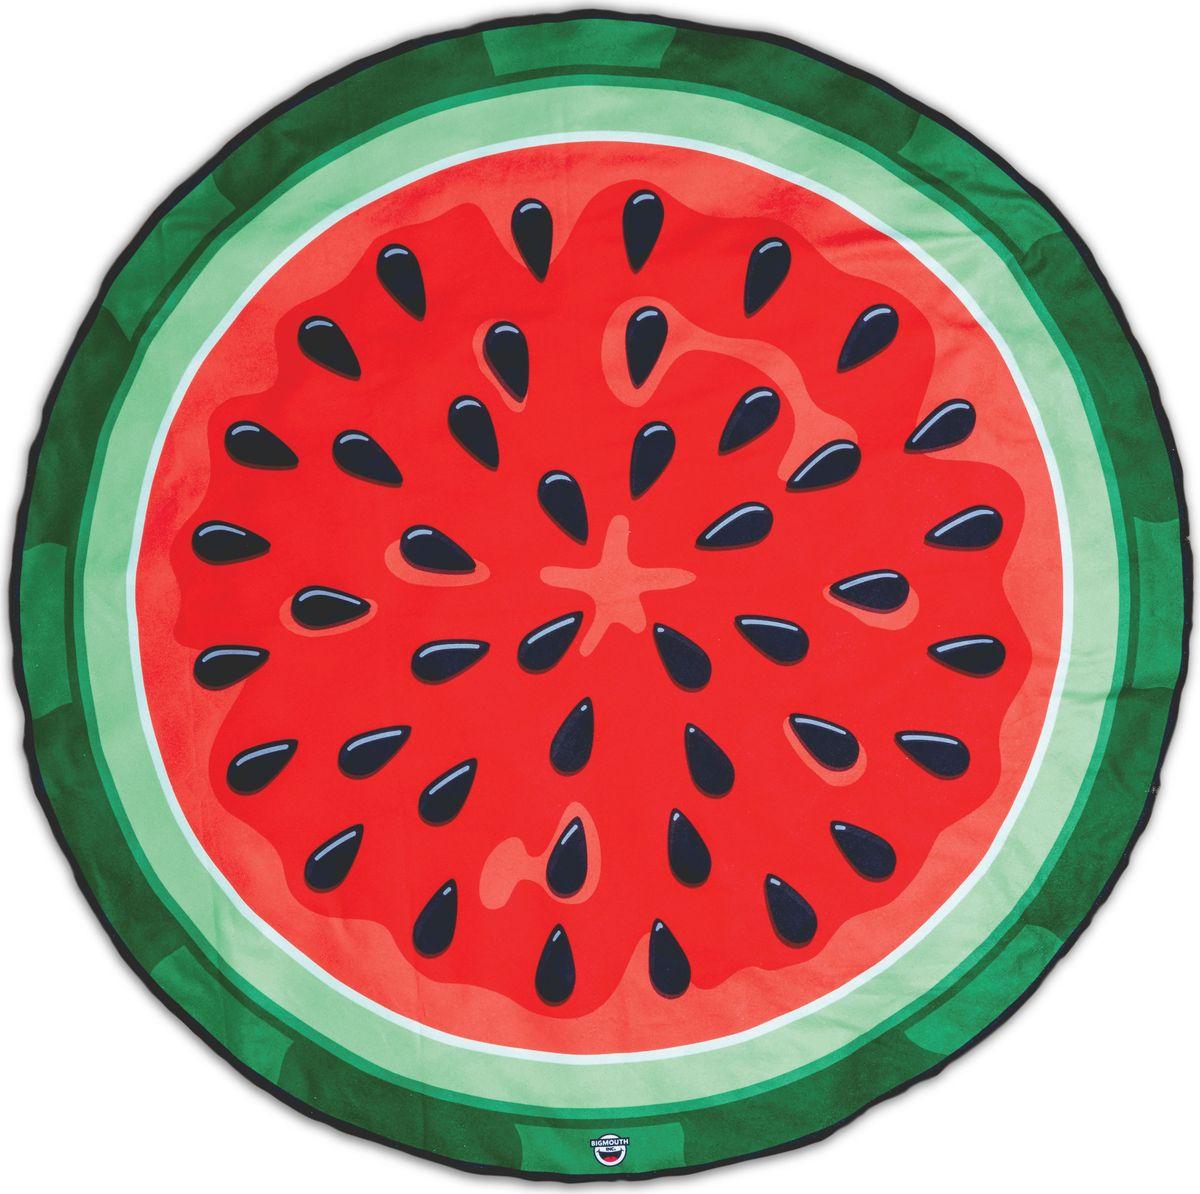 Покрывало пляжное BigMouth WatermelonBMBTWAПляжные покрывала Big Mouth отличаются яркими и незаурядными дизайнами, за счет чего сразу приковывают к себе внимание. На них приятно расположиться у моря или бассейна в жаркий летний день и ловить на себе согревающие солнечные лучи. Благодаря тому, что изделия имеют довольно крупные размеры, они прекрасно подходят как для детей, так и для взрослых. Легкий и приятный на ощупь материал подарит максимальный комфорт, а оригинальный окрас подчеркнет вашу индивидуальность. Покрывало можно использовать еще и в качестве пляжного полотенца, ведь тыльная сторона изделия выполнена из мягкой ткани, хорошо впитывающей влагу.